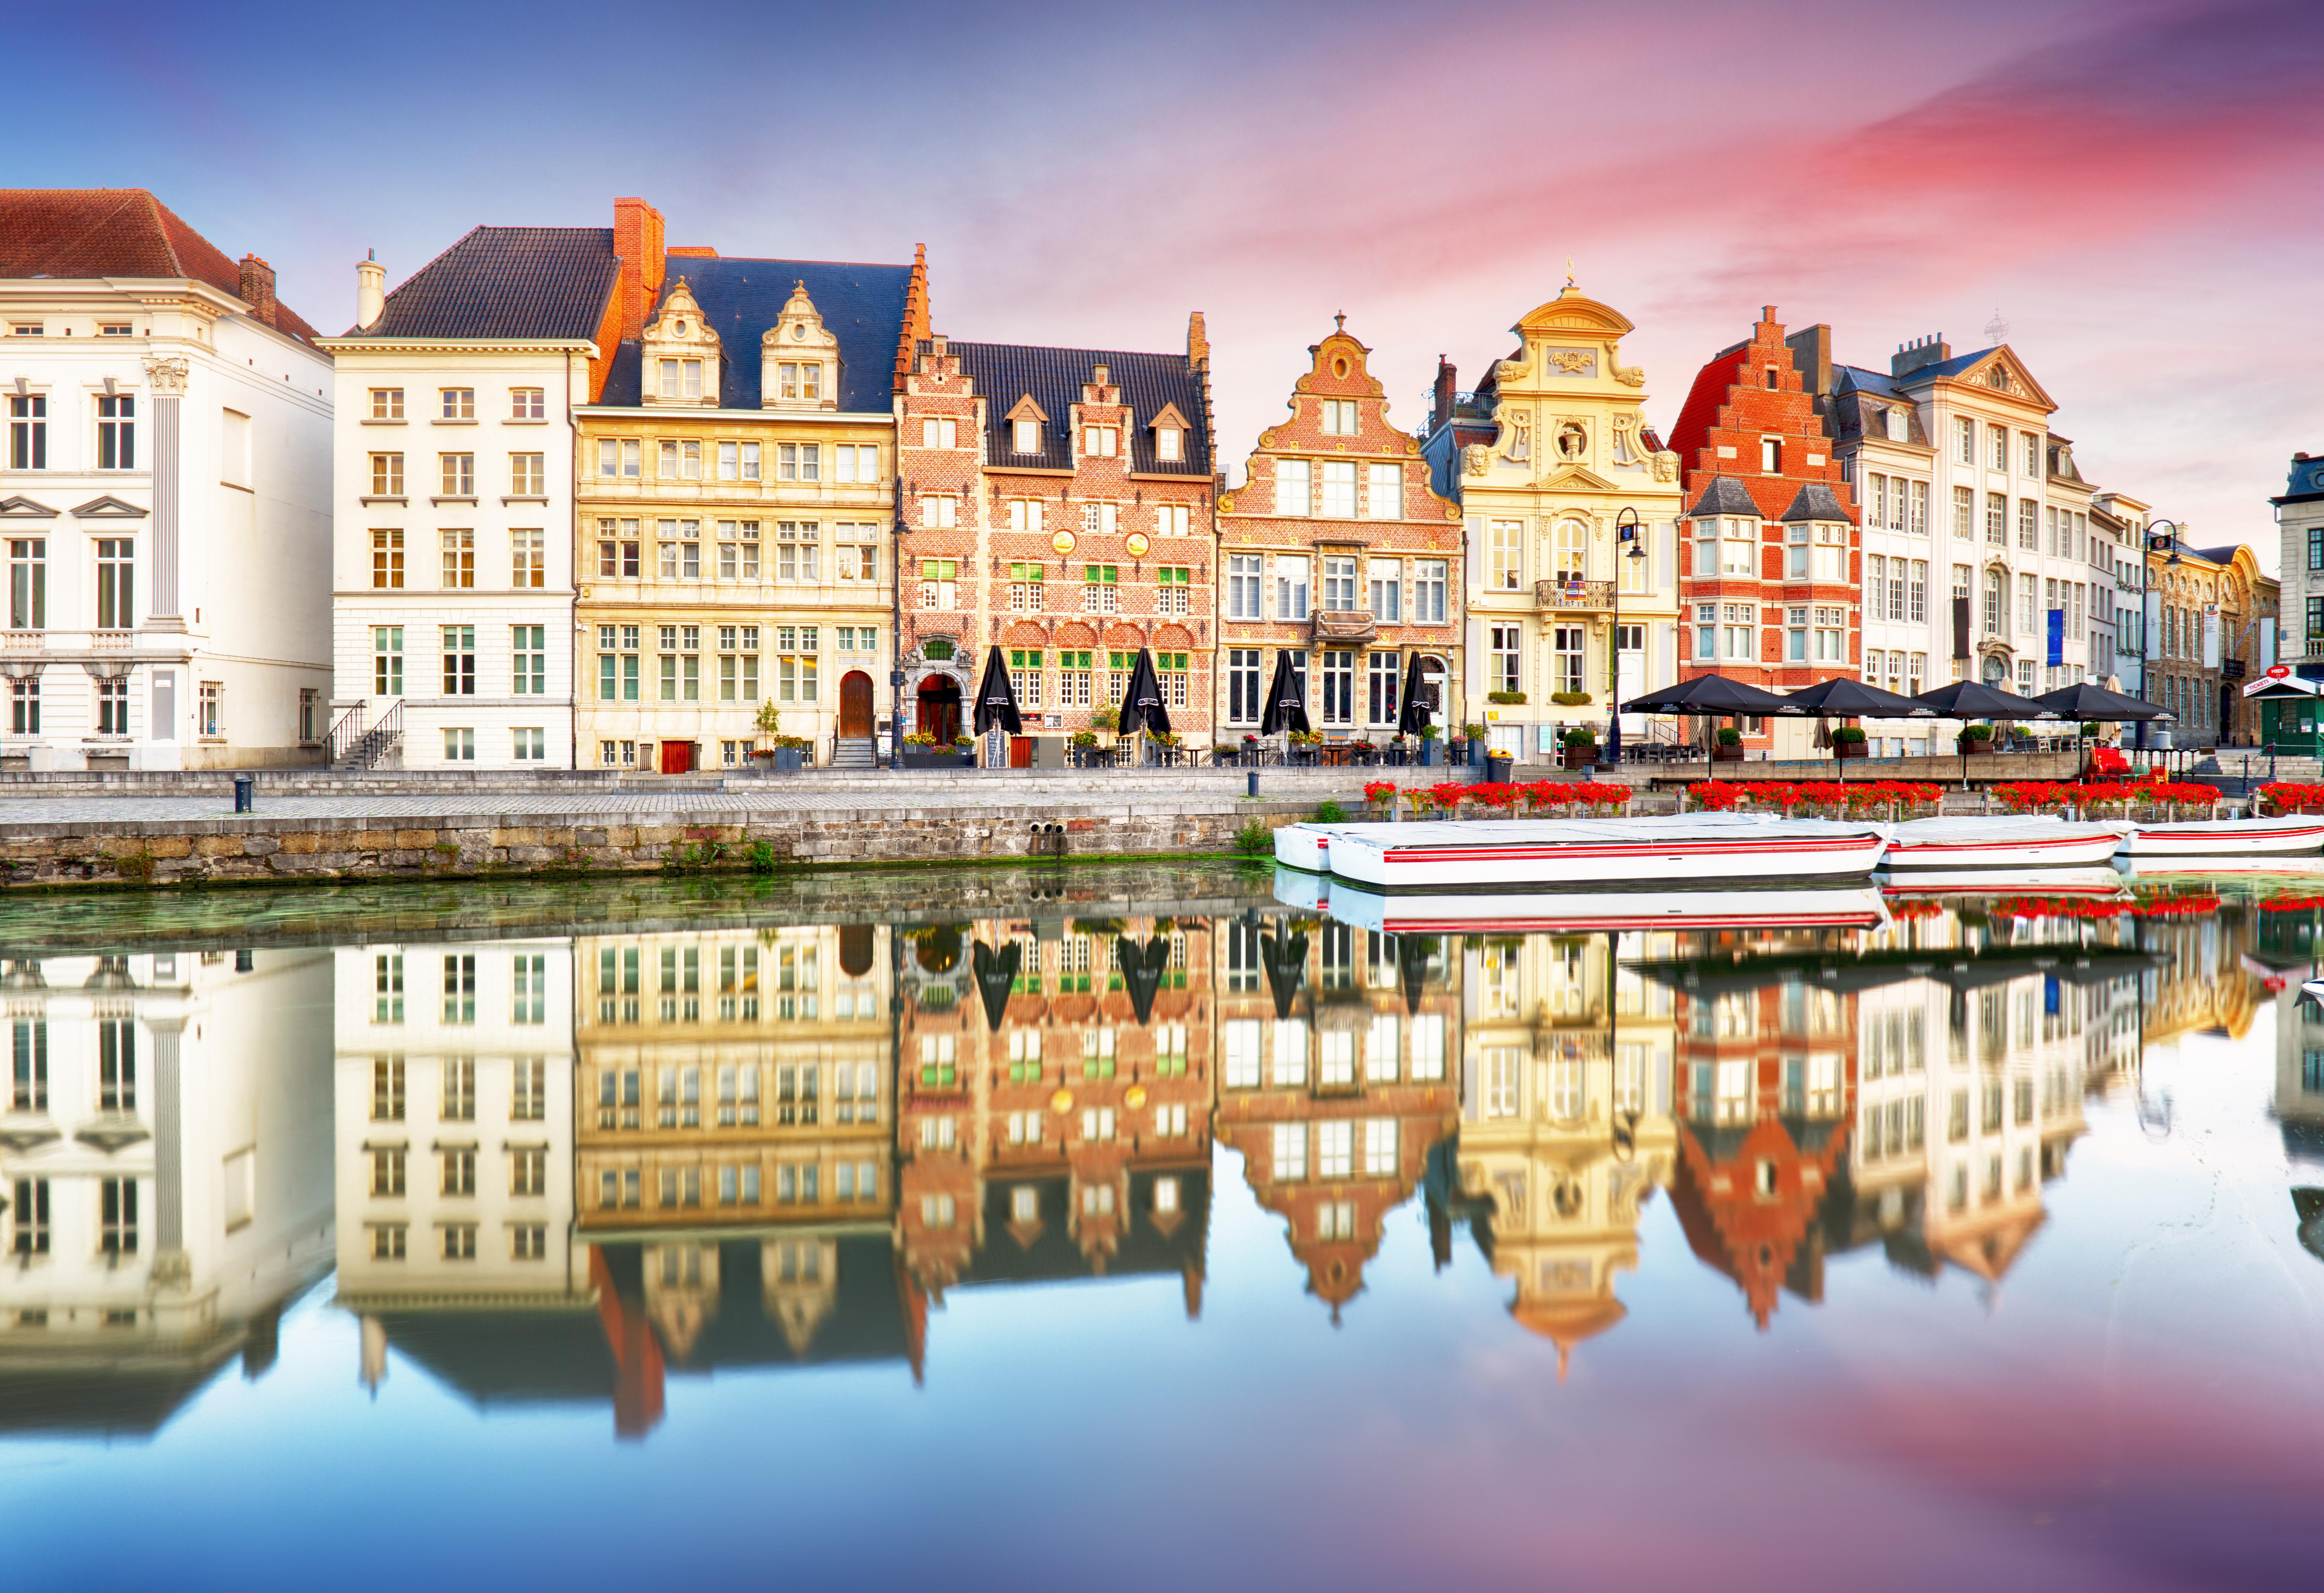 De paseo por el barrio Patershol en Gante - Bélgica Circuito La Ruta de Carlomagno